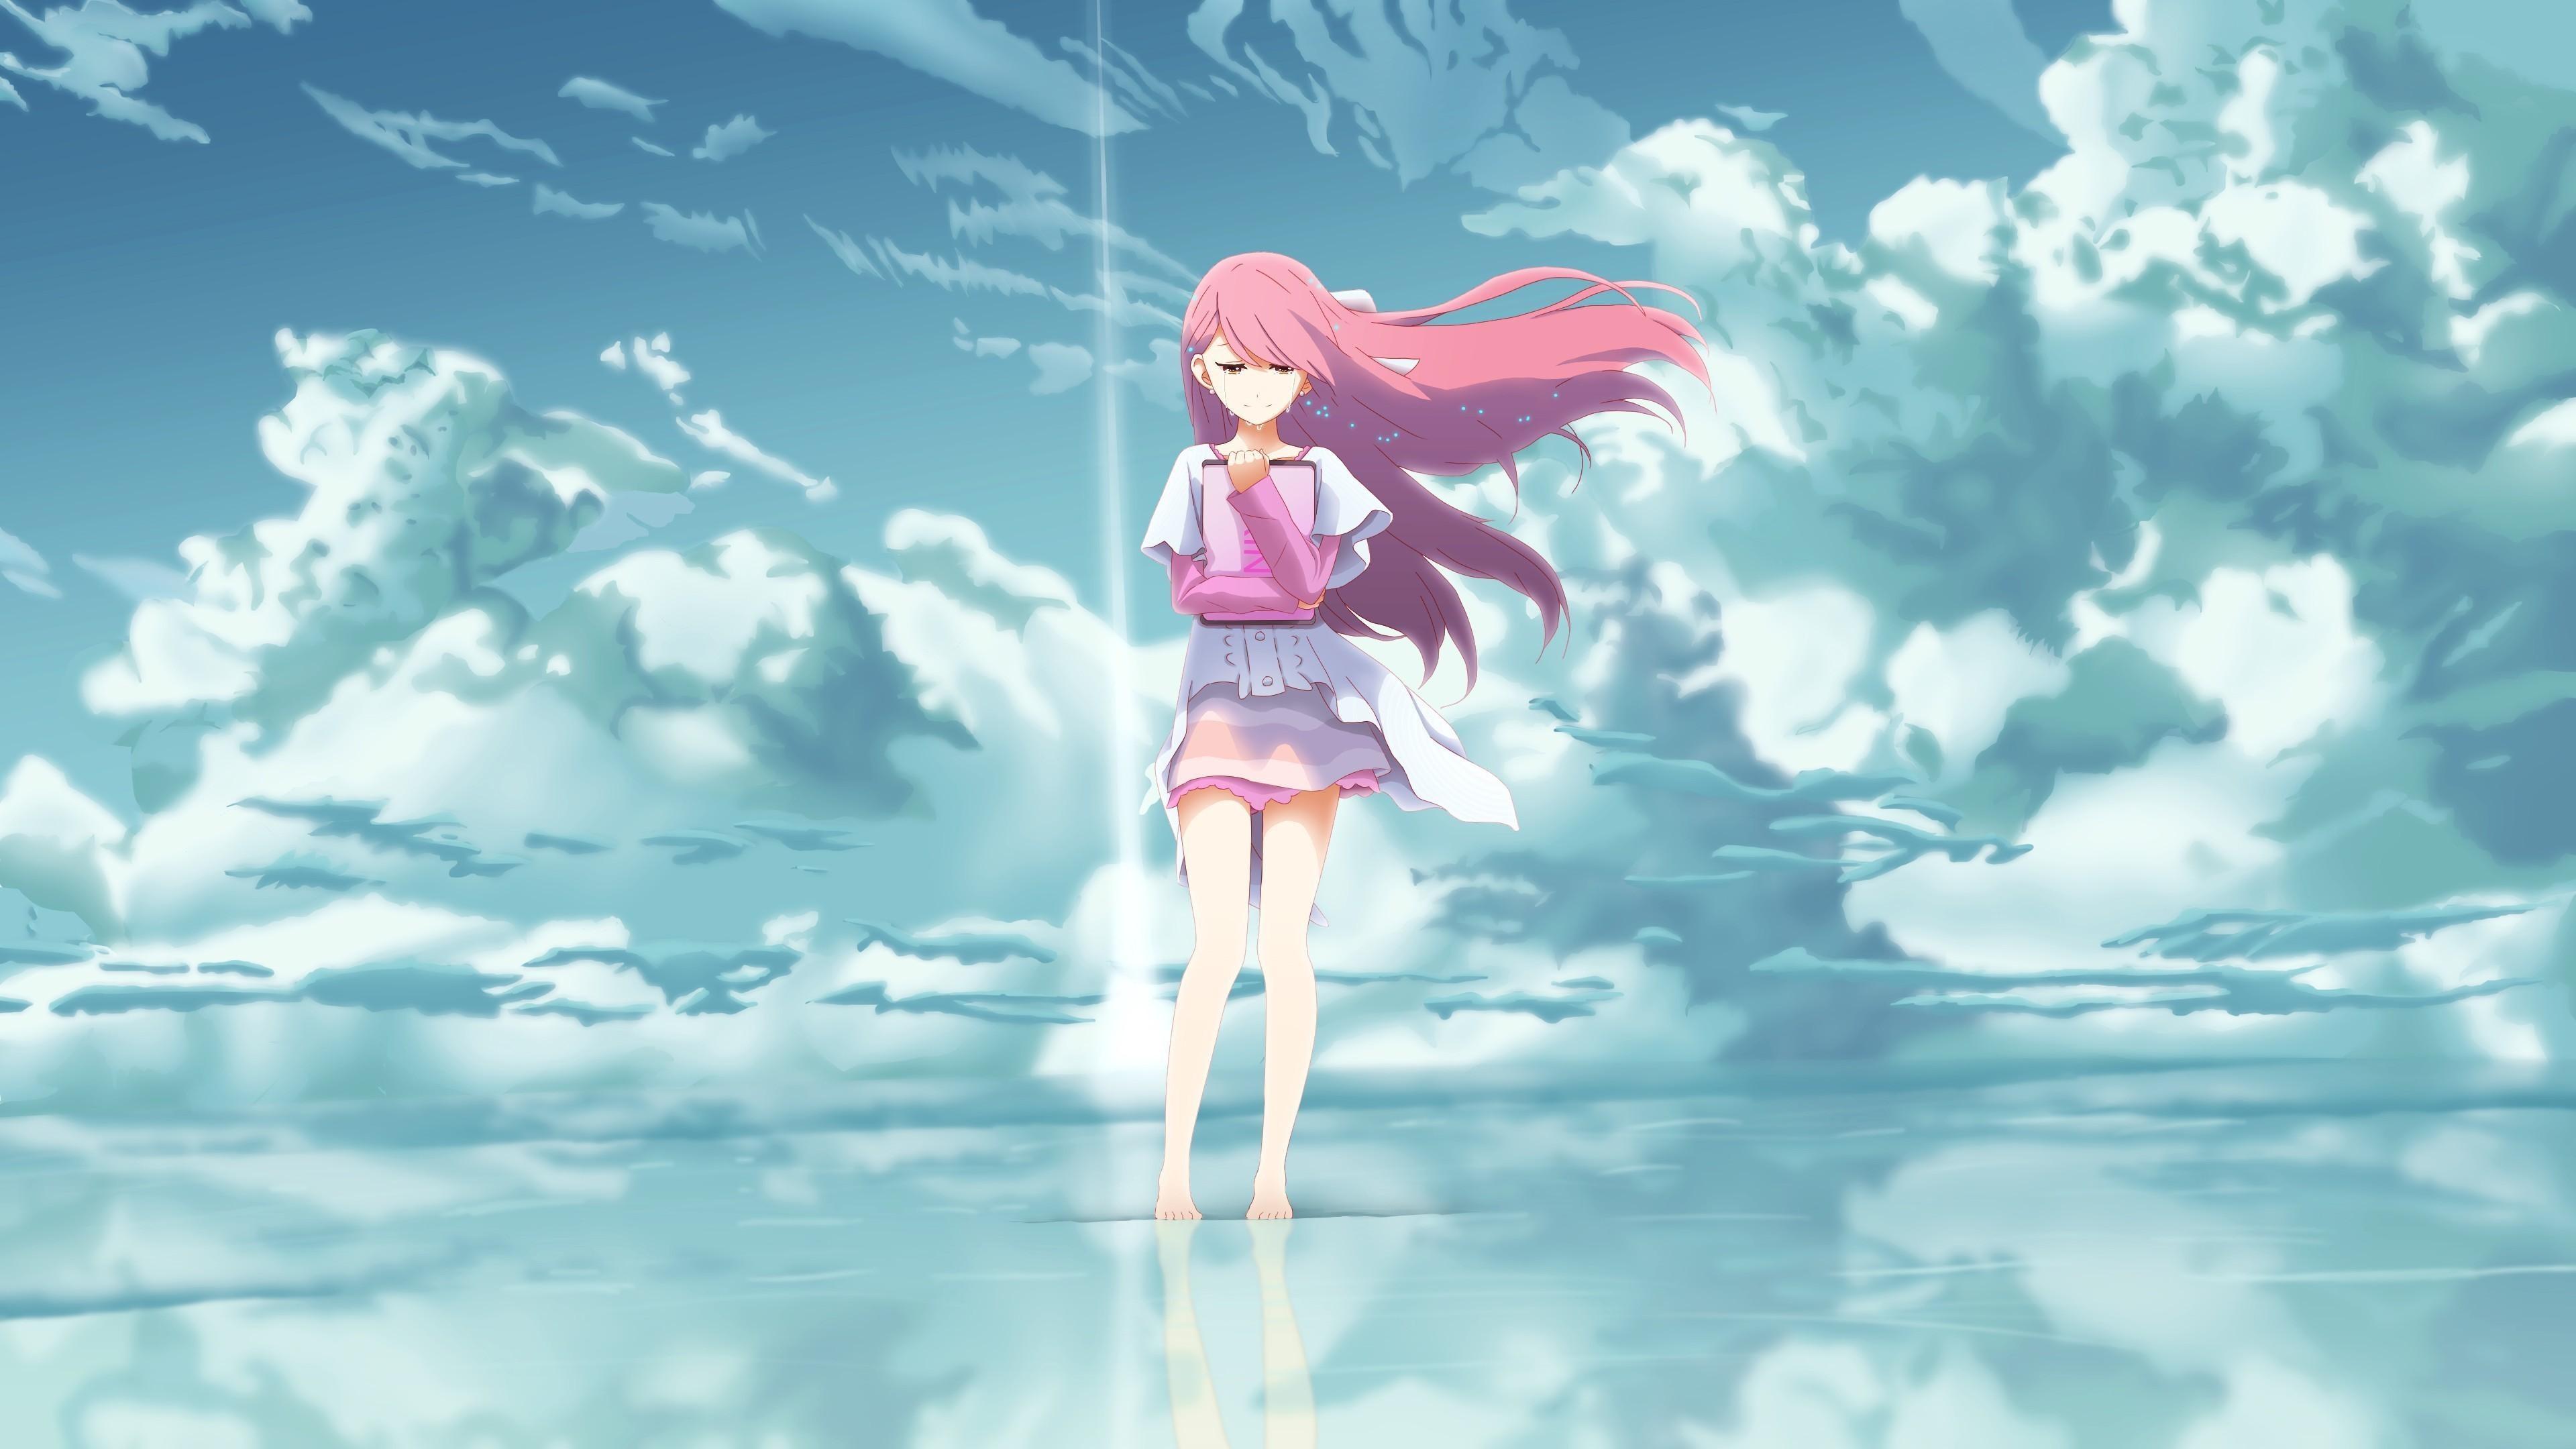 Res: 3840x2160, anime ...